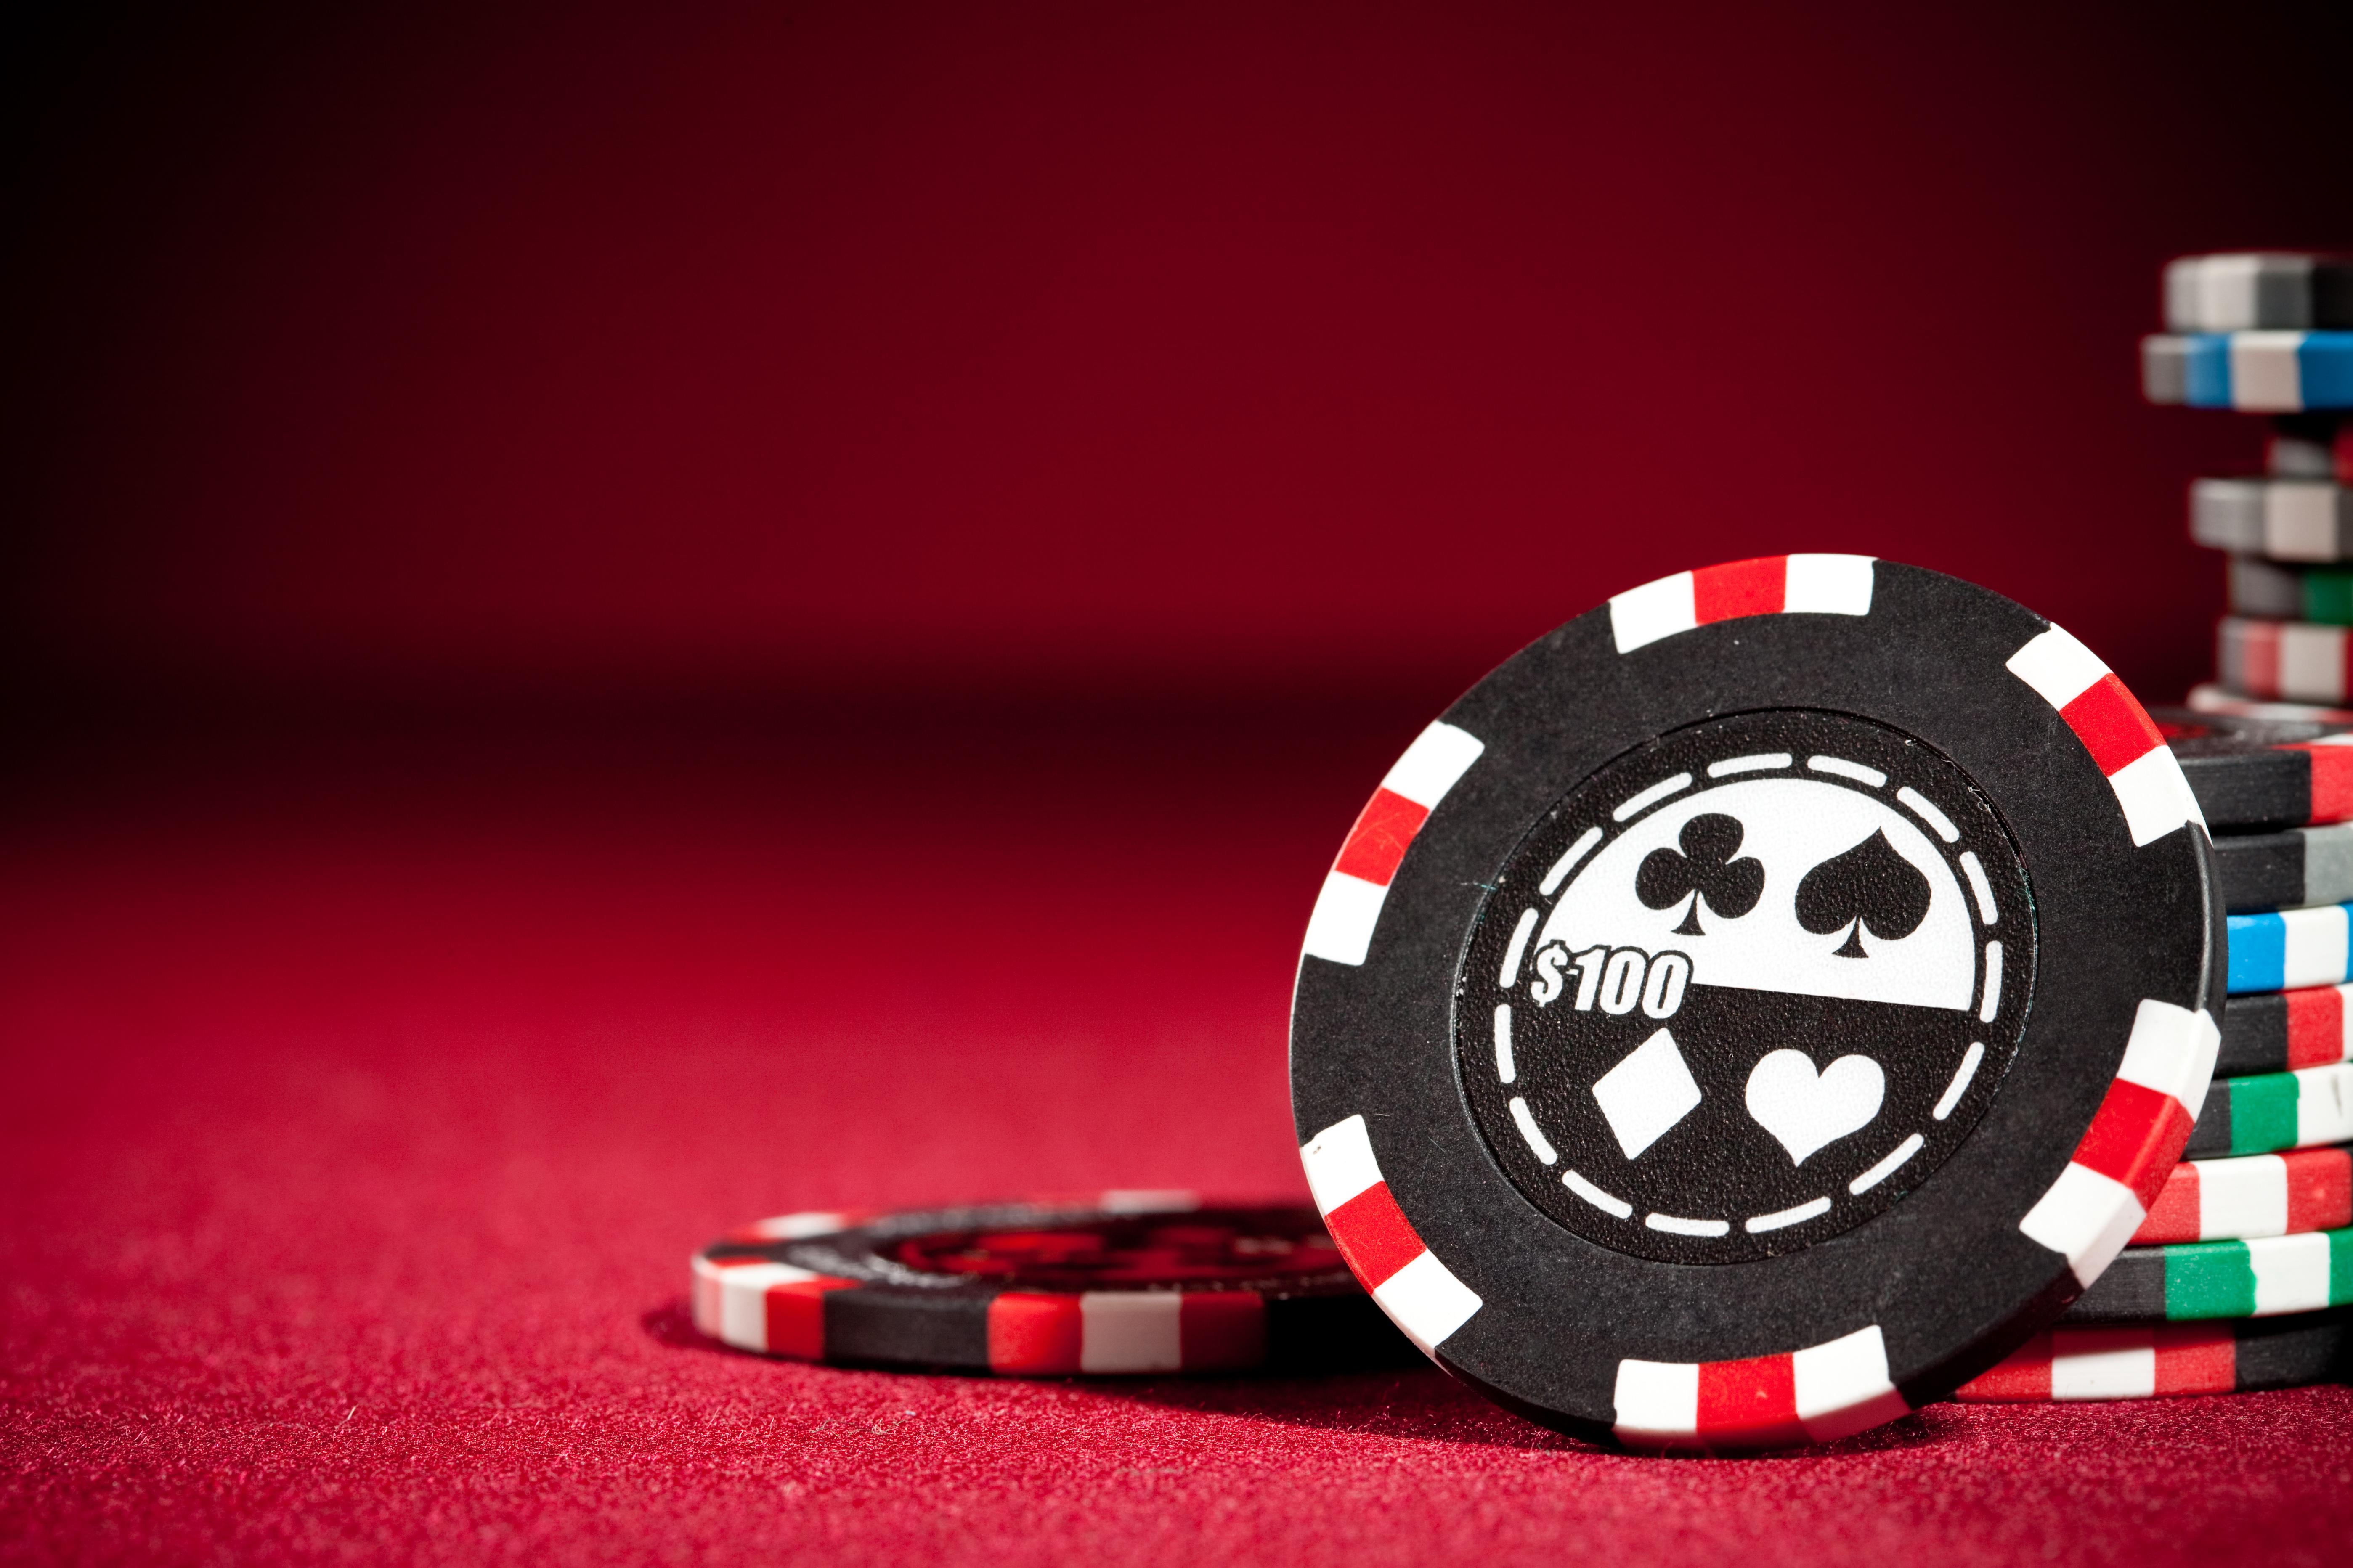 I казино начальным бонусом гта сан андреас казино в минус